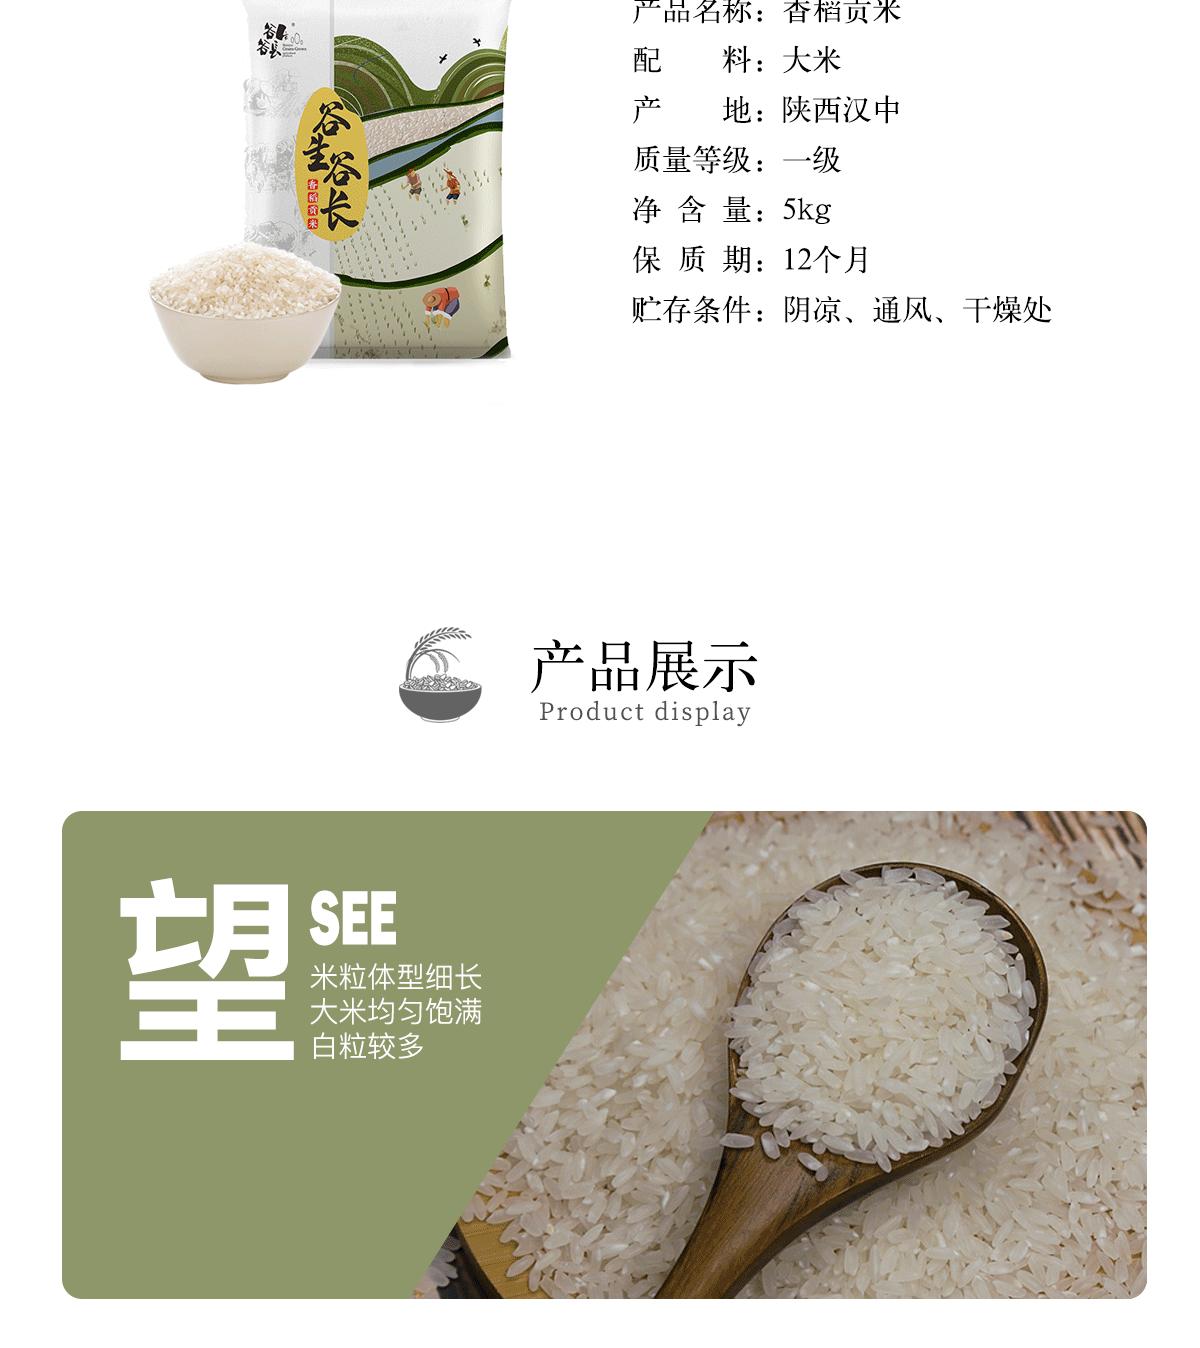 香稻贡米_03.png